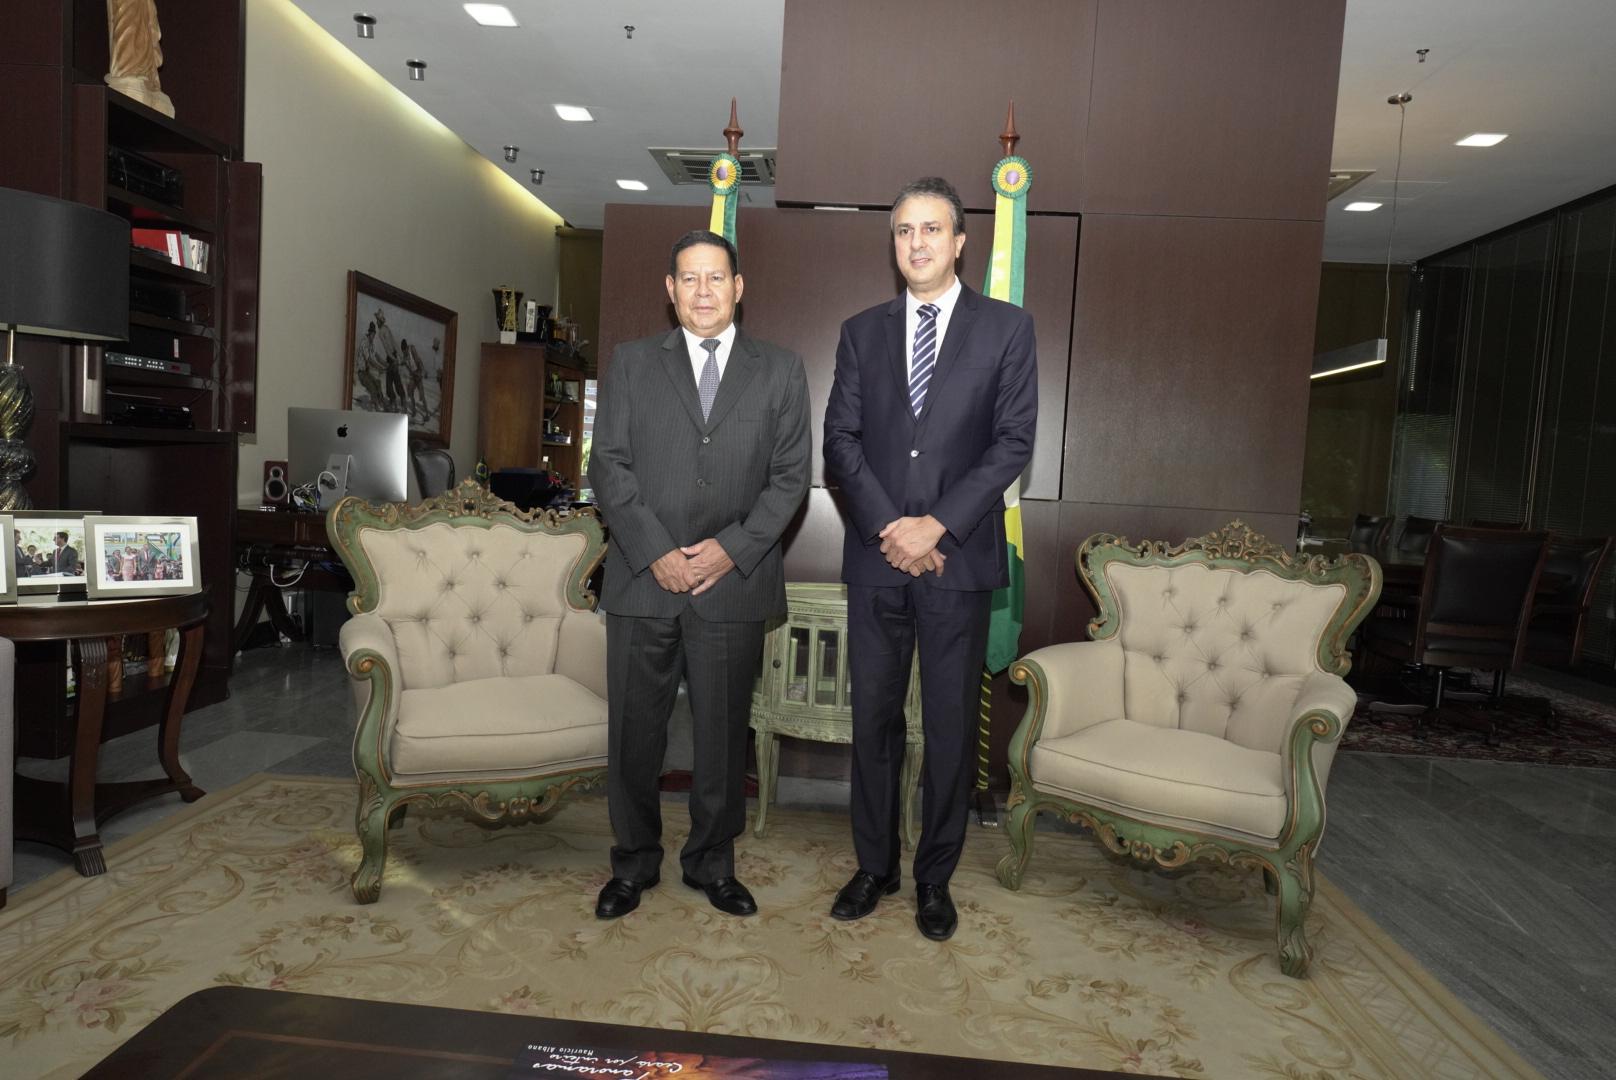 Governador recebe o vice-presidente da República no Palácio da Abolição